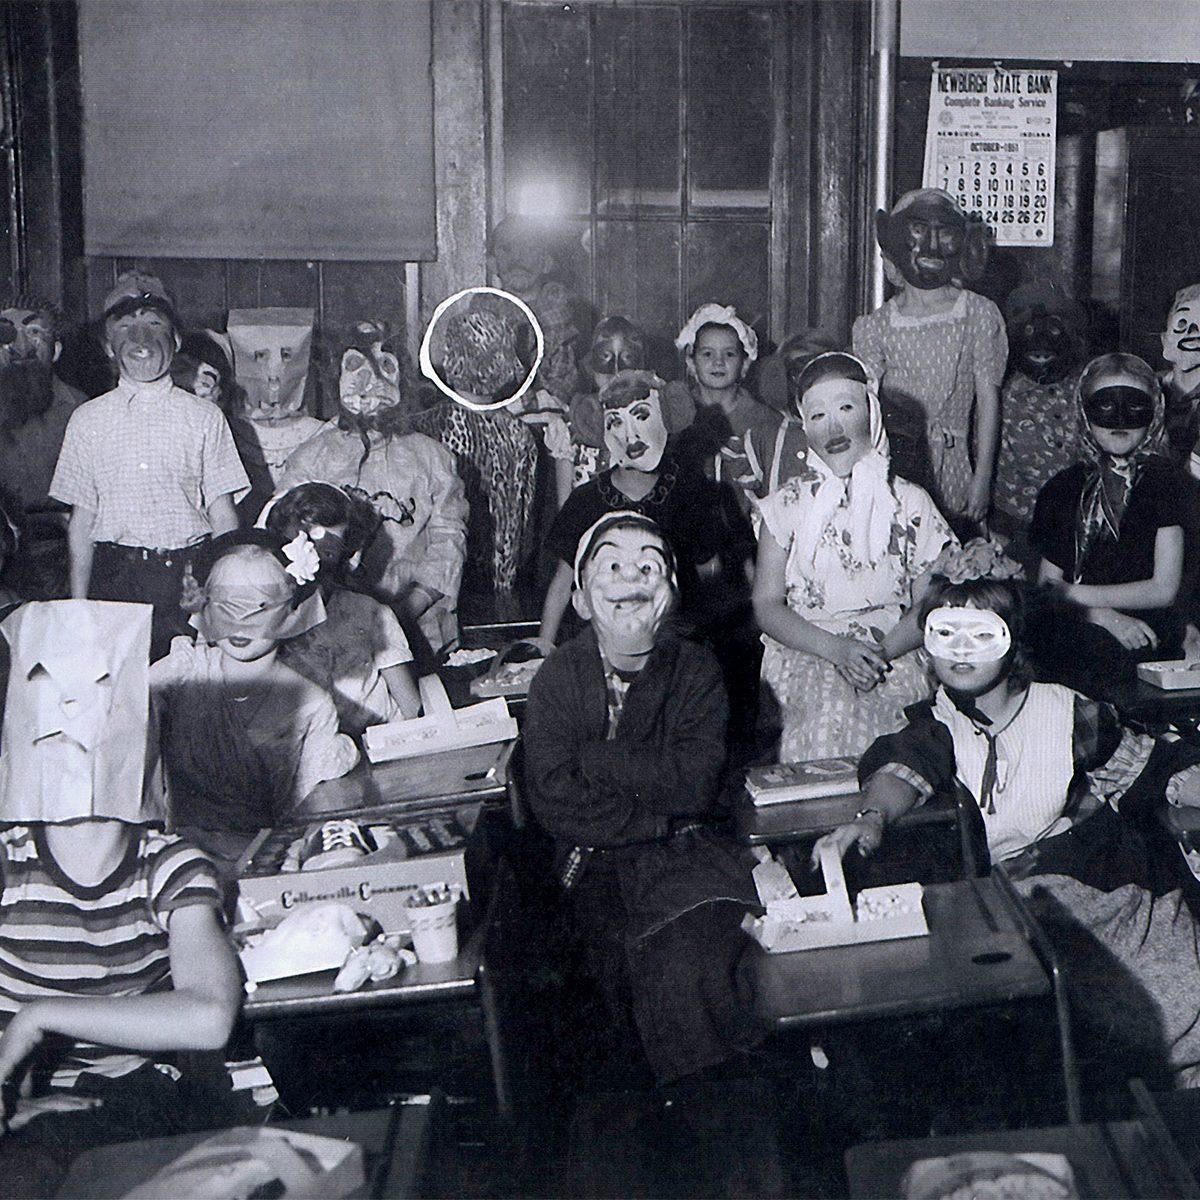 children at school, Halloween party at school